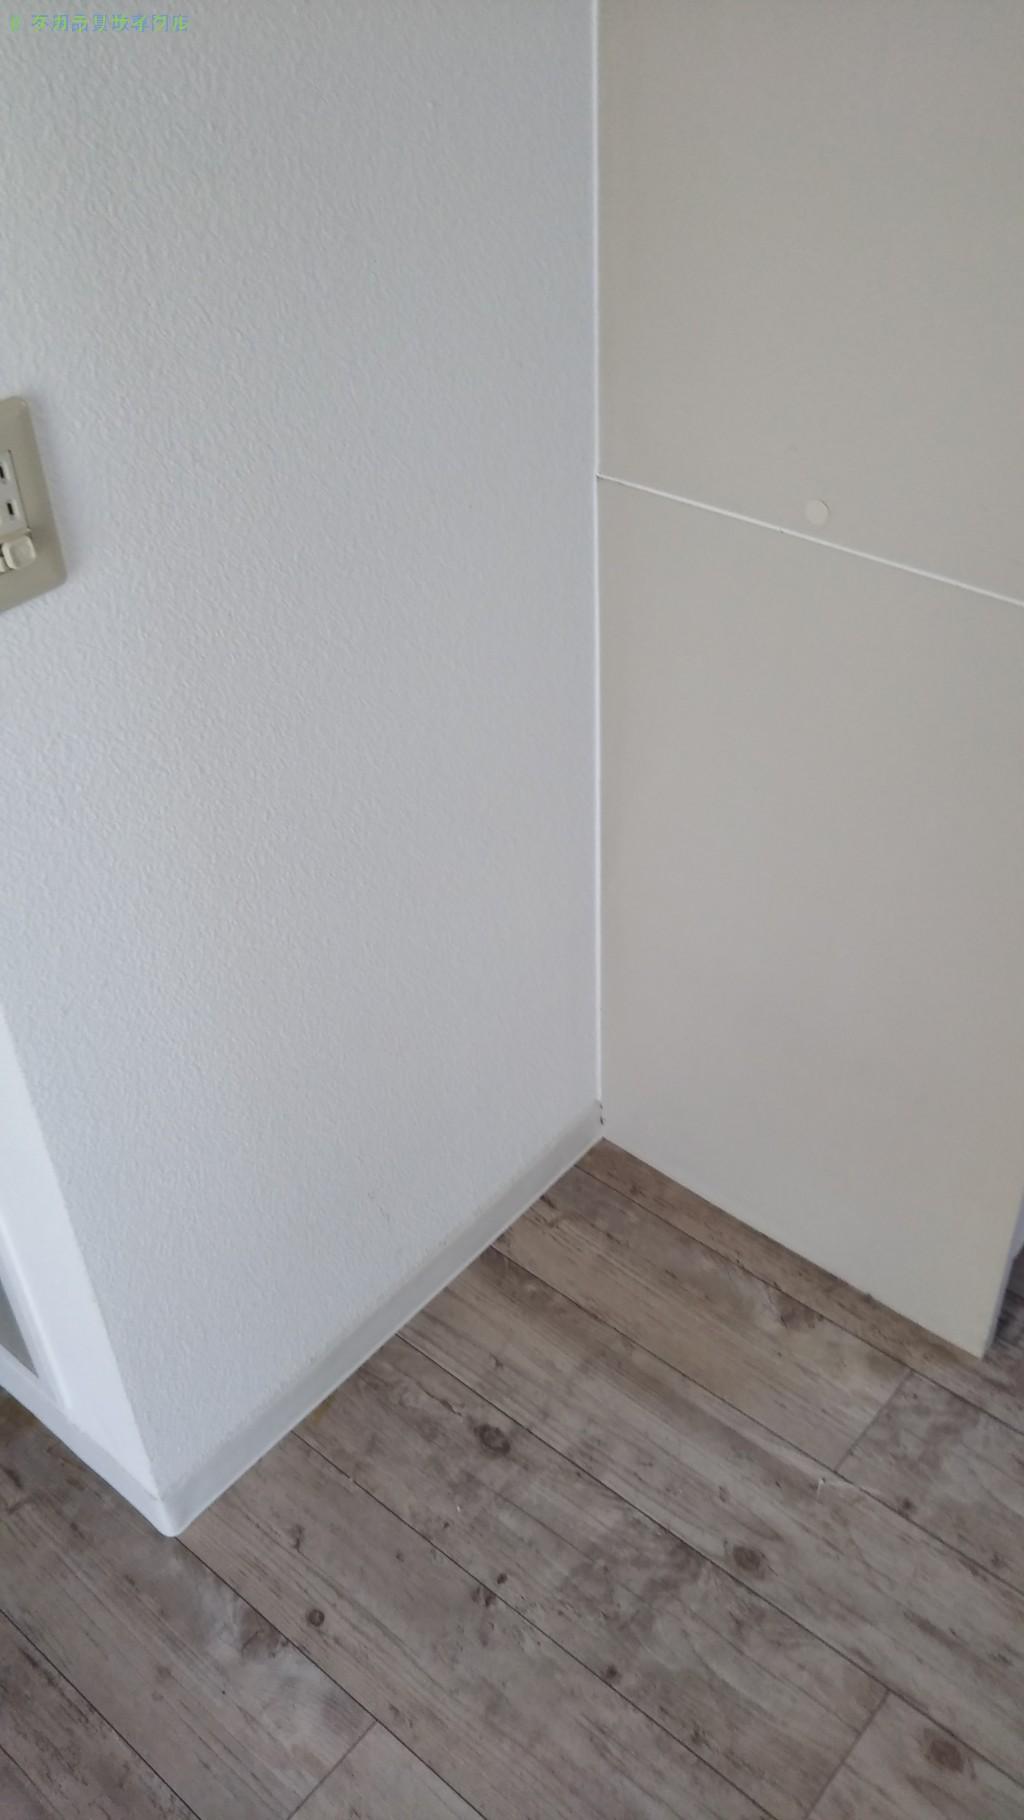 【徳島市山城西】冷蔵庫・電子レンジの処分・回収のご依頼者さま